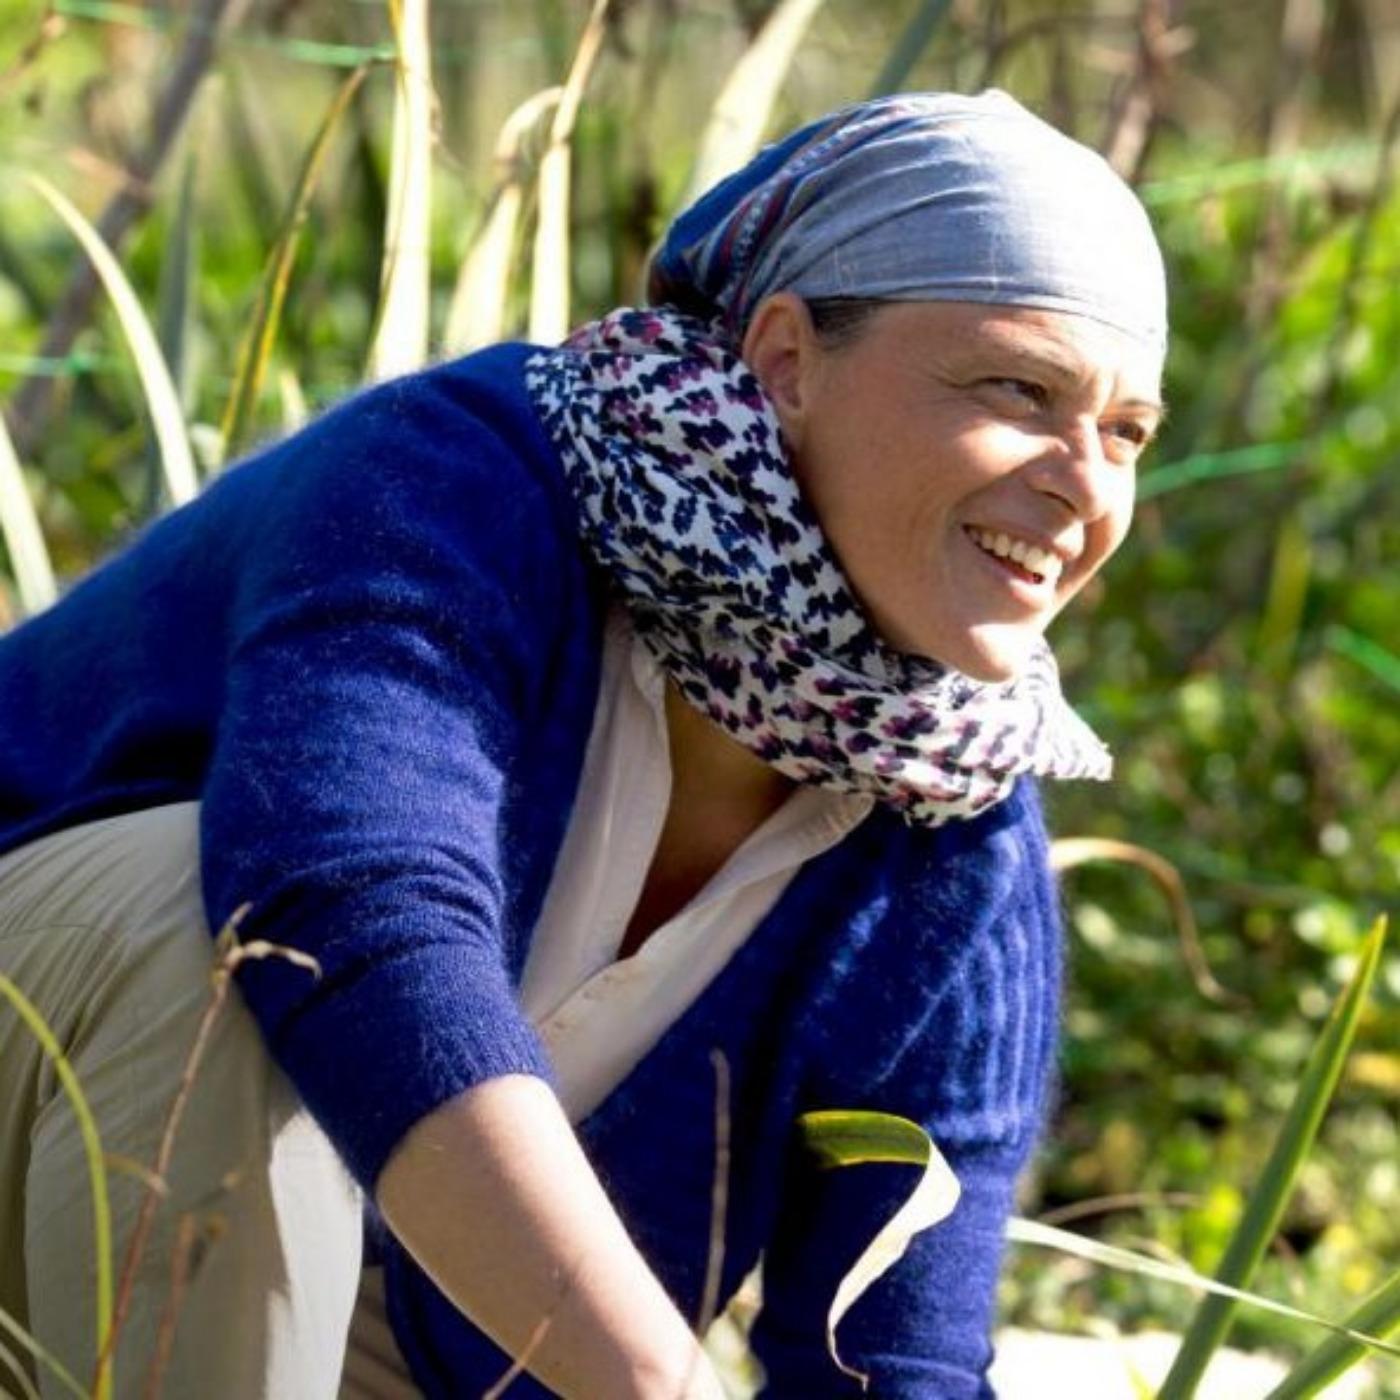 Épisode #37 - Perrine Hervé-Gruyer : la permaculture pour nourrir le monde